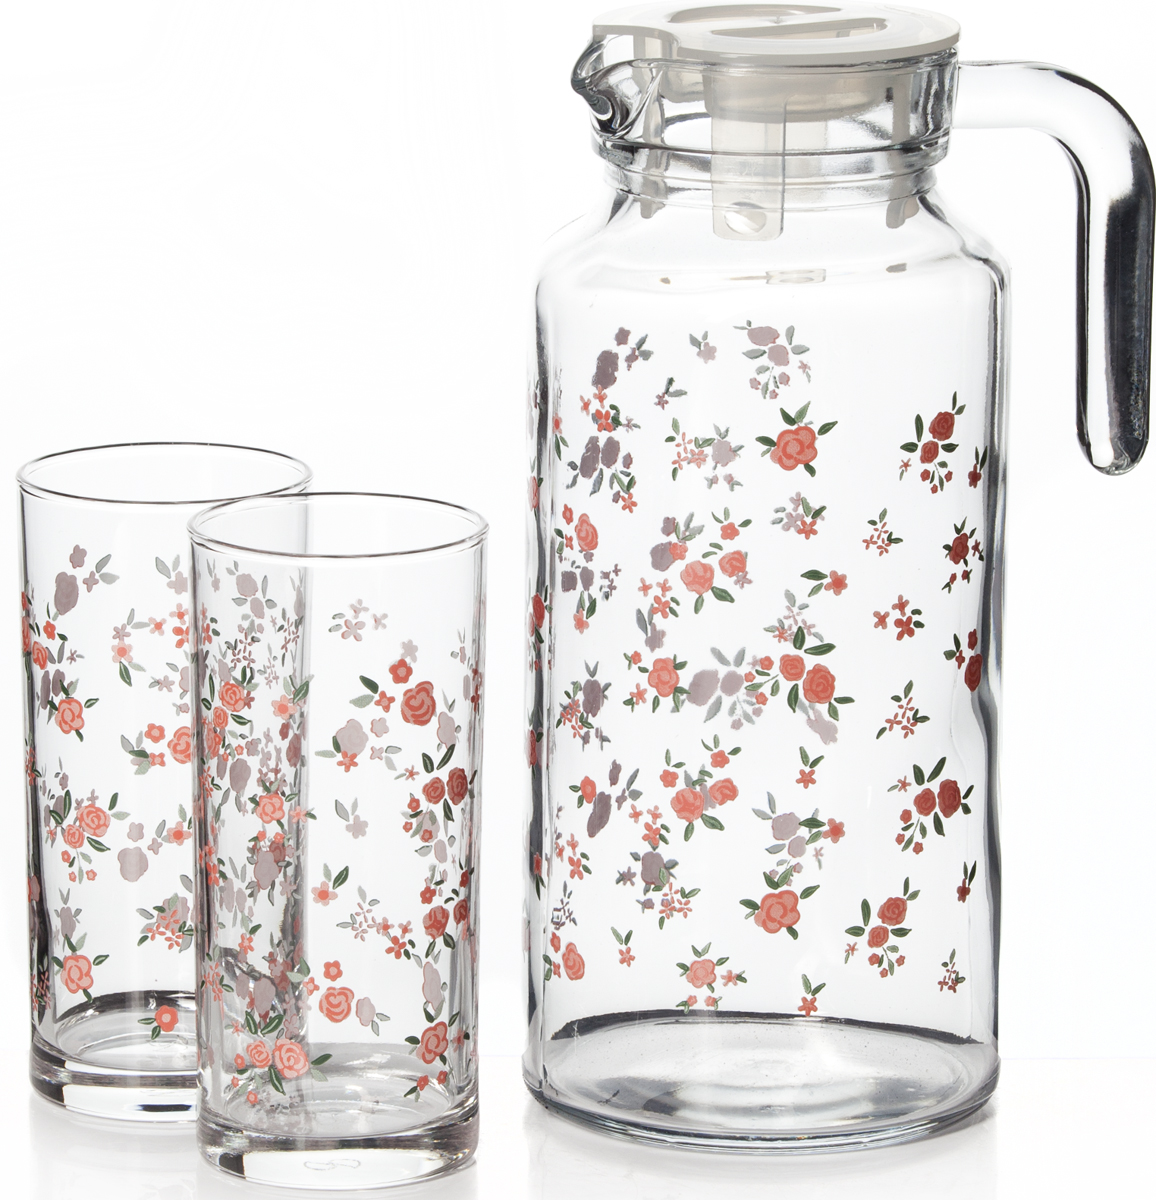 """Питьевой набор Pasabahce """"Прованс"""" состоит из 4 стаканов и кувшина. Изделия выполнены из высококачественного прочного стекла и декорированы  цветочным рисунком. Набор прекрасно подходит для сока, воды, лимонада и других напитков.   Изделия устойчивы к повреждениям и истиранию, в процессе эксплуатации не впитывают запахи  и сохраняют первоначальные краски. Можно мыть в посудомоечной машине.  Объем кувшина: 1,3 л.  Объем стакана: 290 мл."""